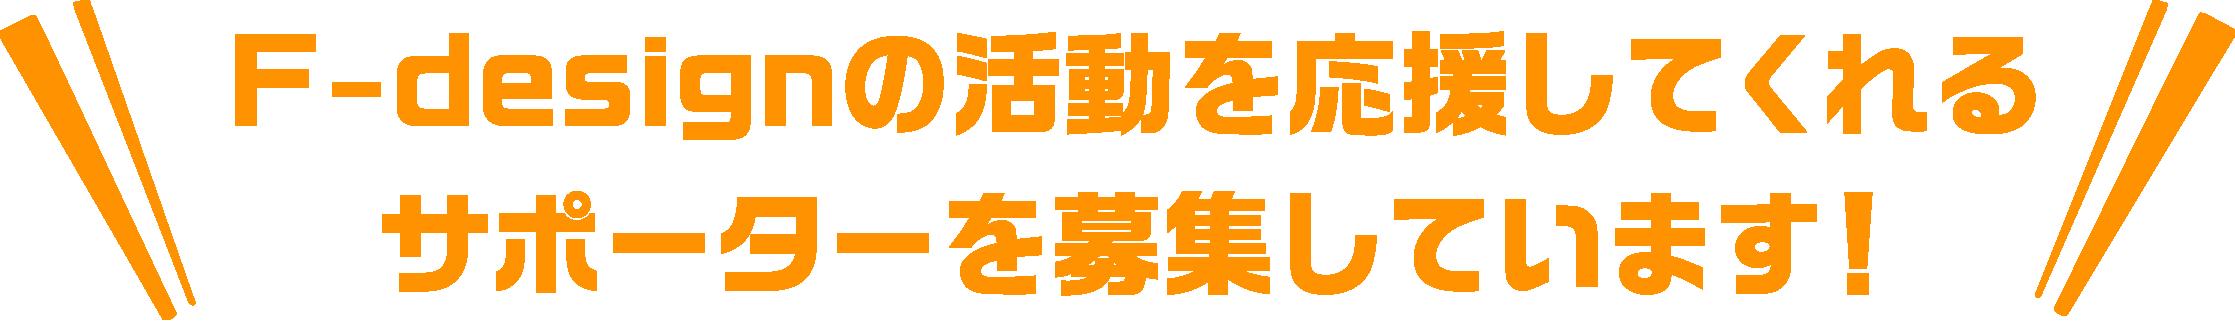 F-design(エフデザイン)の活動を応援してくれるサポーター(賛助会員)を募集しています!